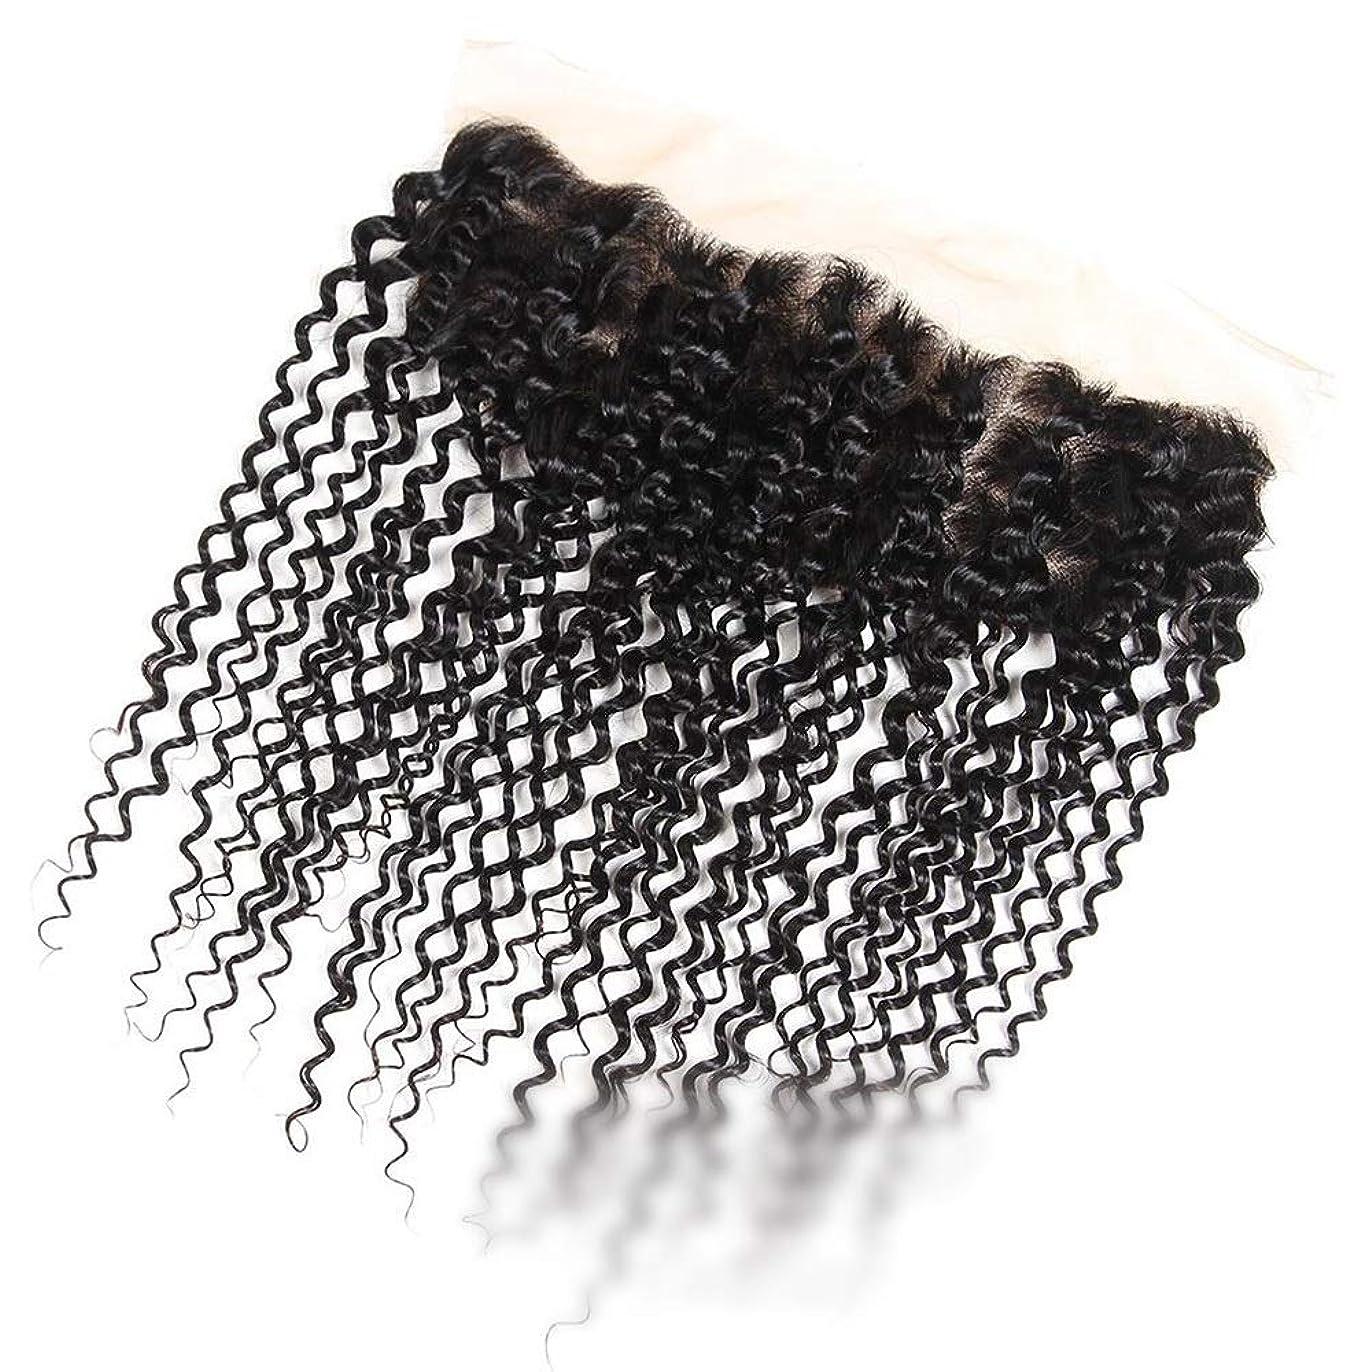 リーダーシップエレベーターボイコットYAHONGOE ブラジルのジェリーカーリーウェーブ人間の髪の毛の自由な部分13×4インチレース前頭閉鎖ナチュラルカラーショートウィッグショートカーリーウィッグ (色 : 黒, サイズ : 16 inch)